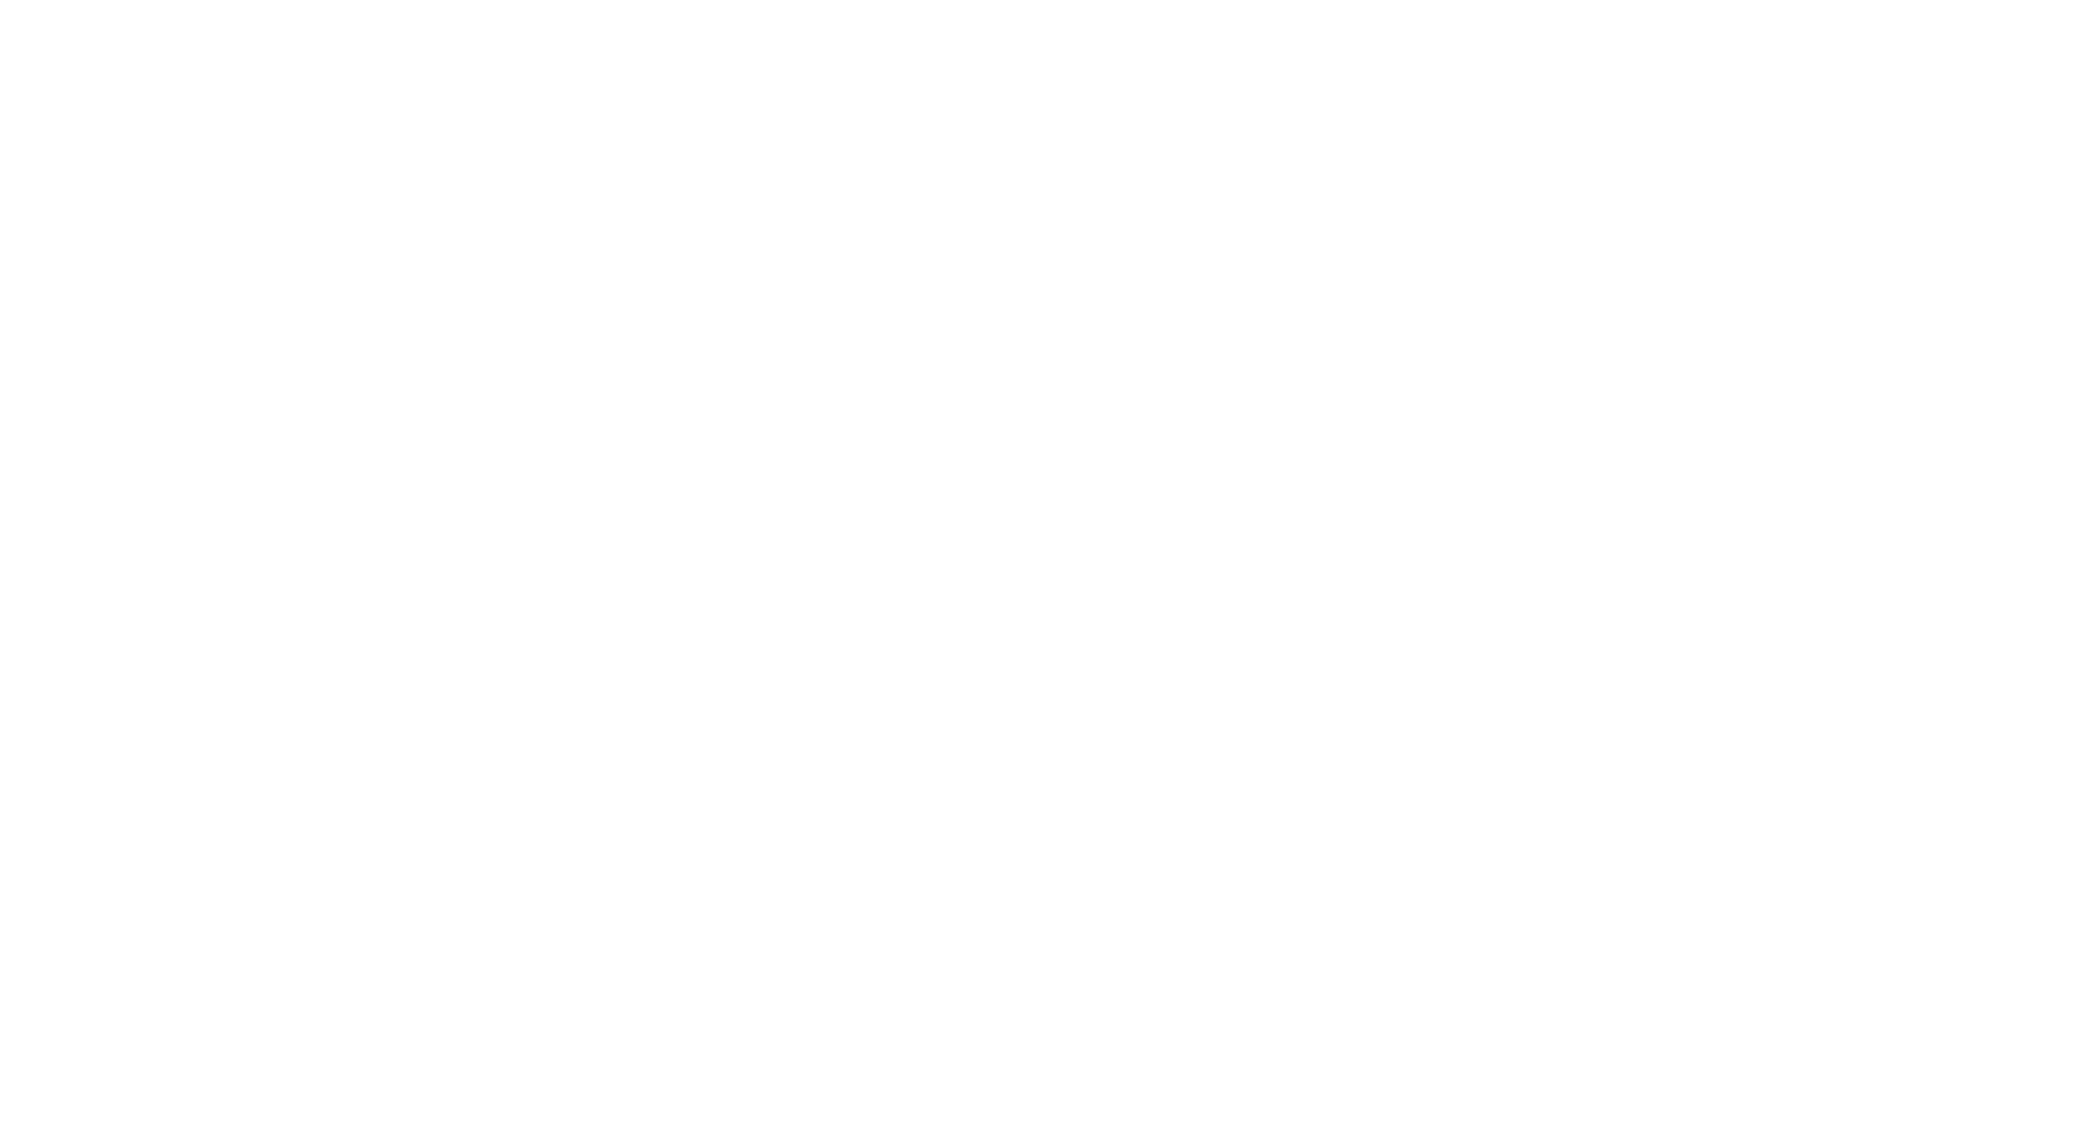 PHVverbindet_w